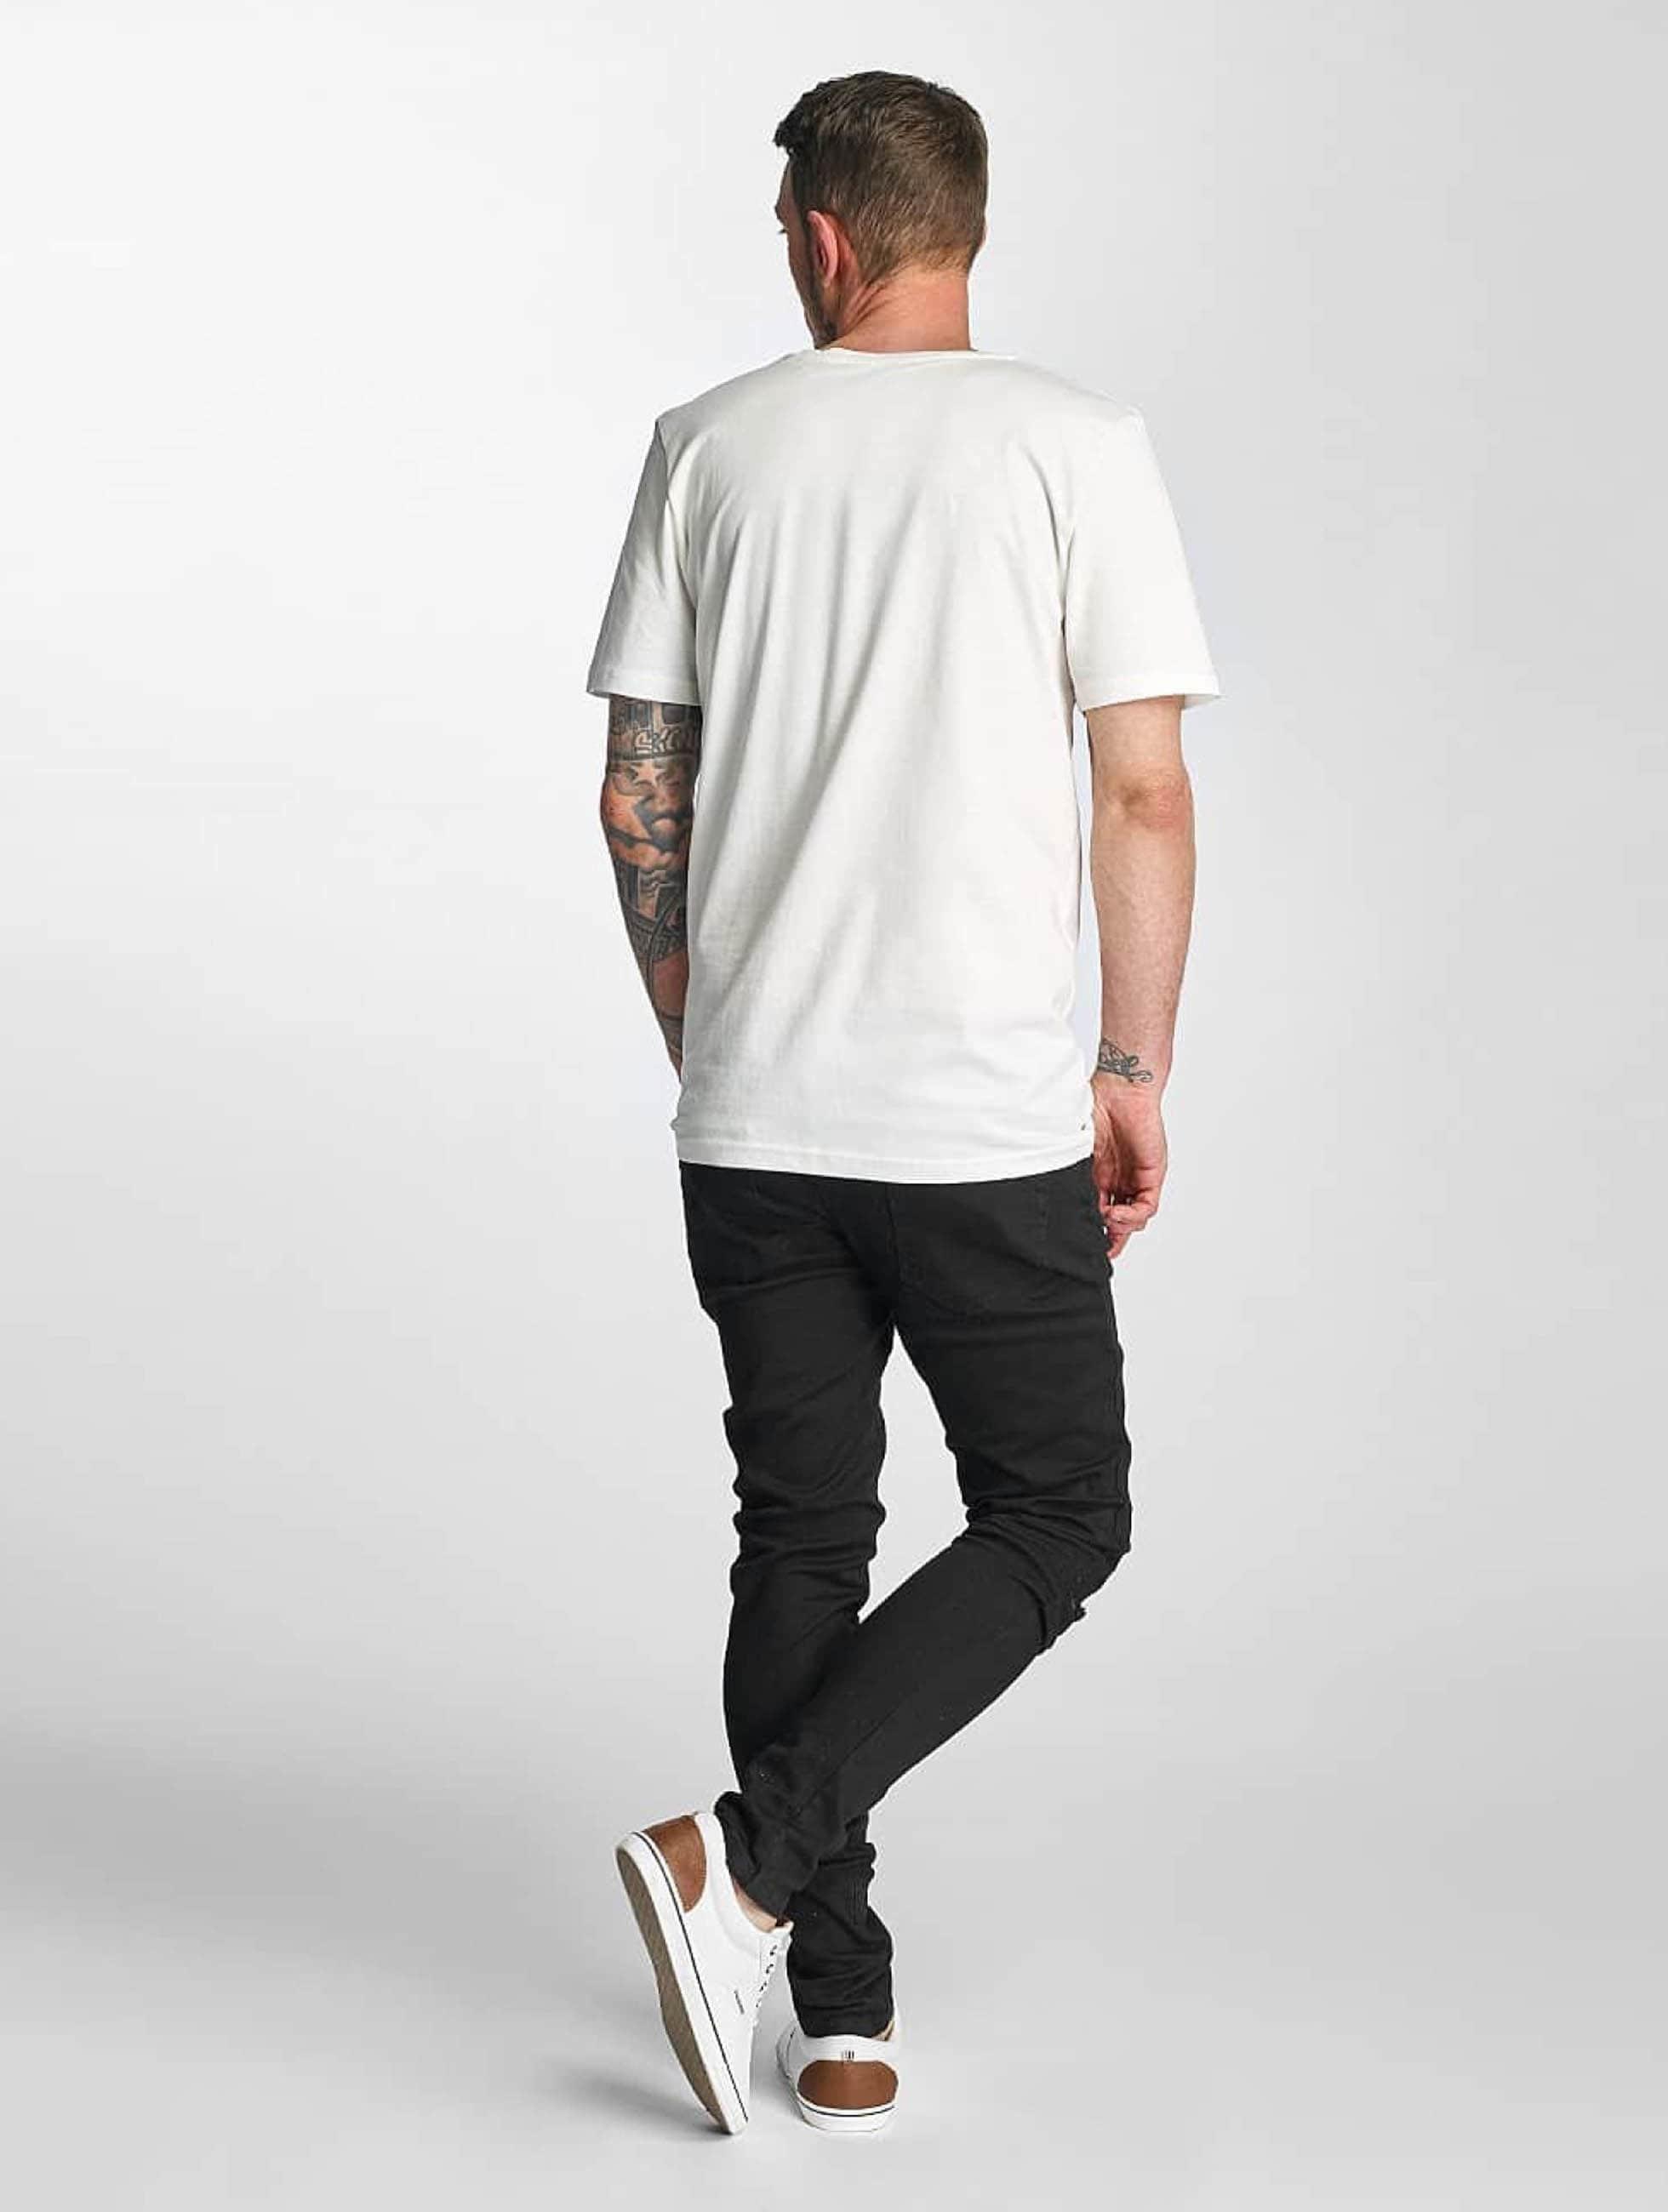 Criminal Damage Skinny Jeans Ripper schwarz